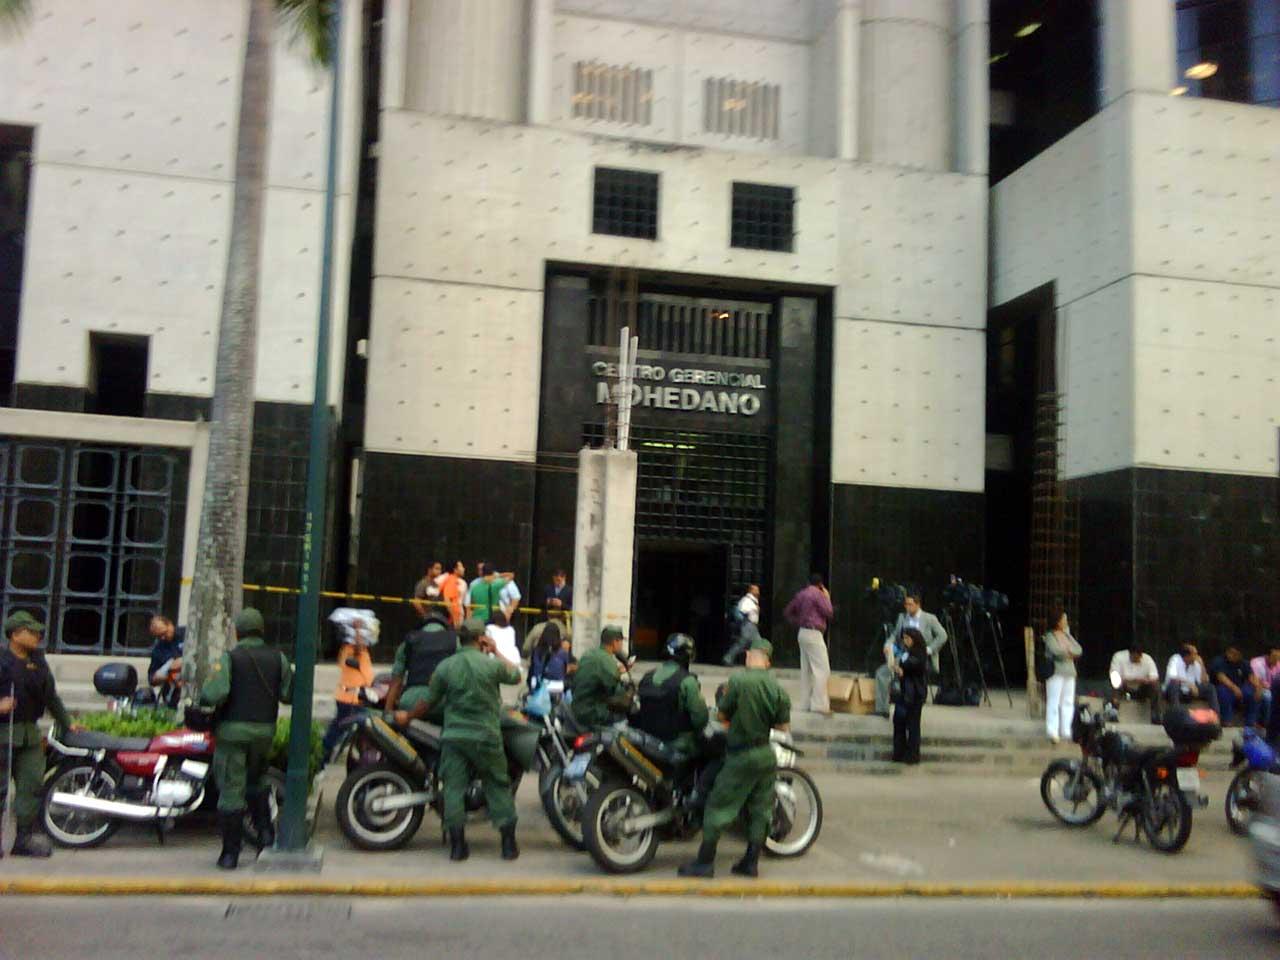 Embaixada do Brasil em Caracas na Vebezuela